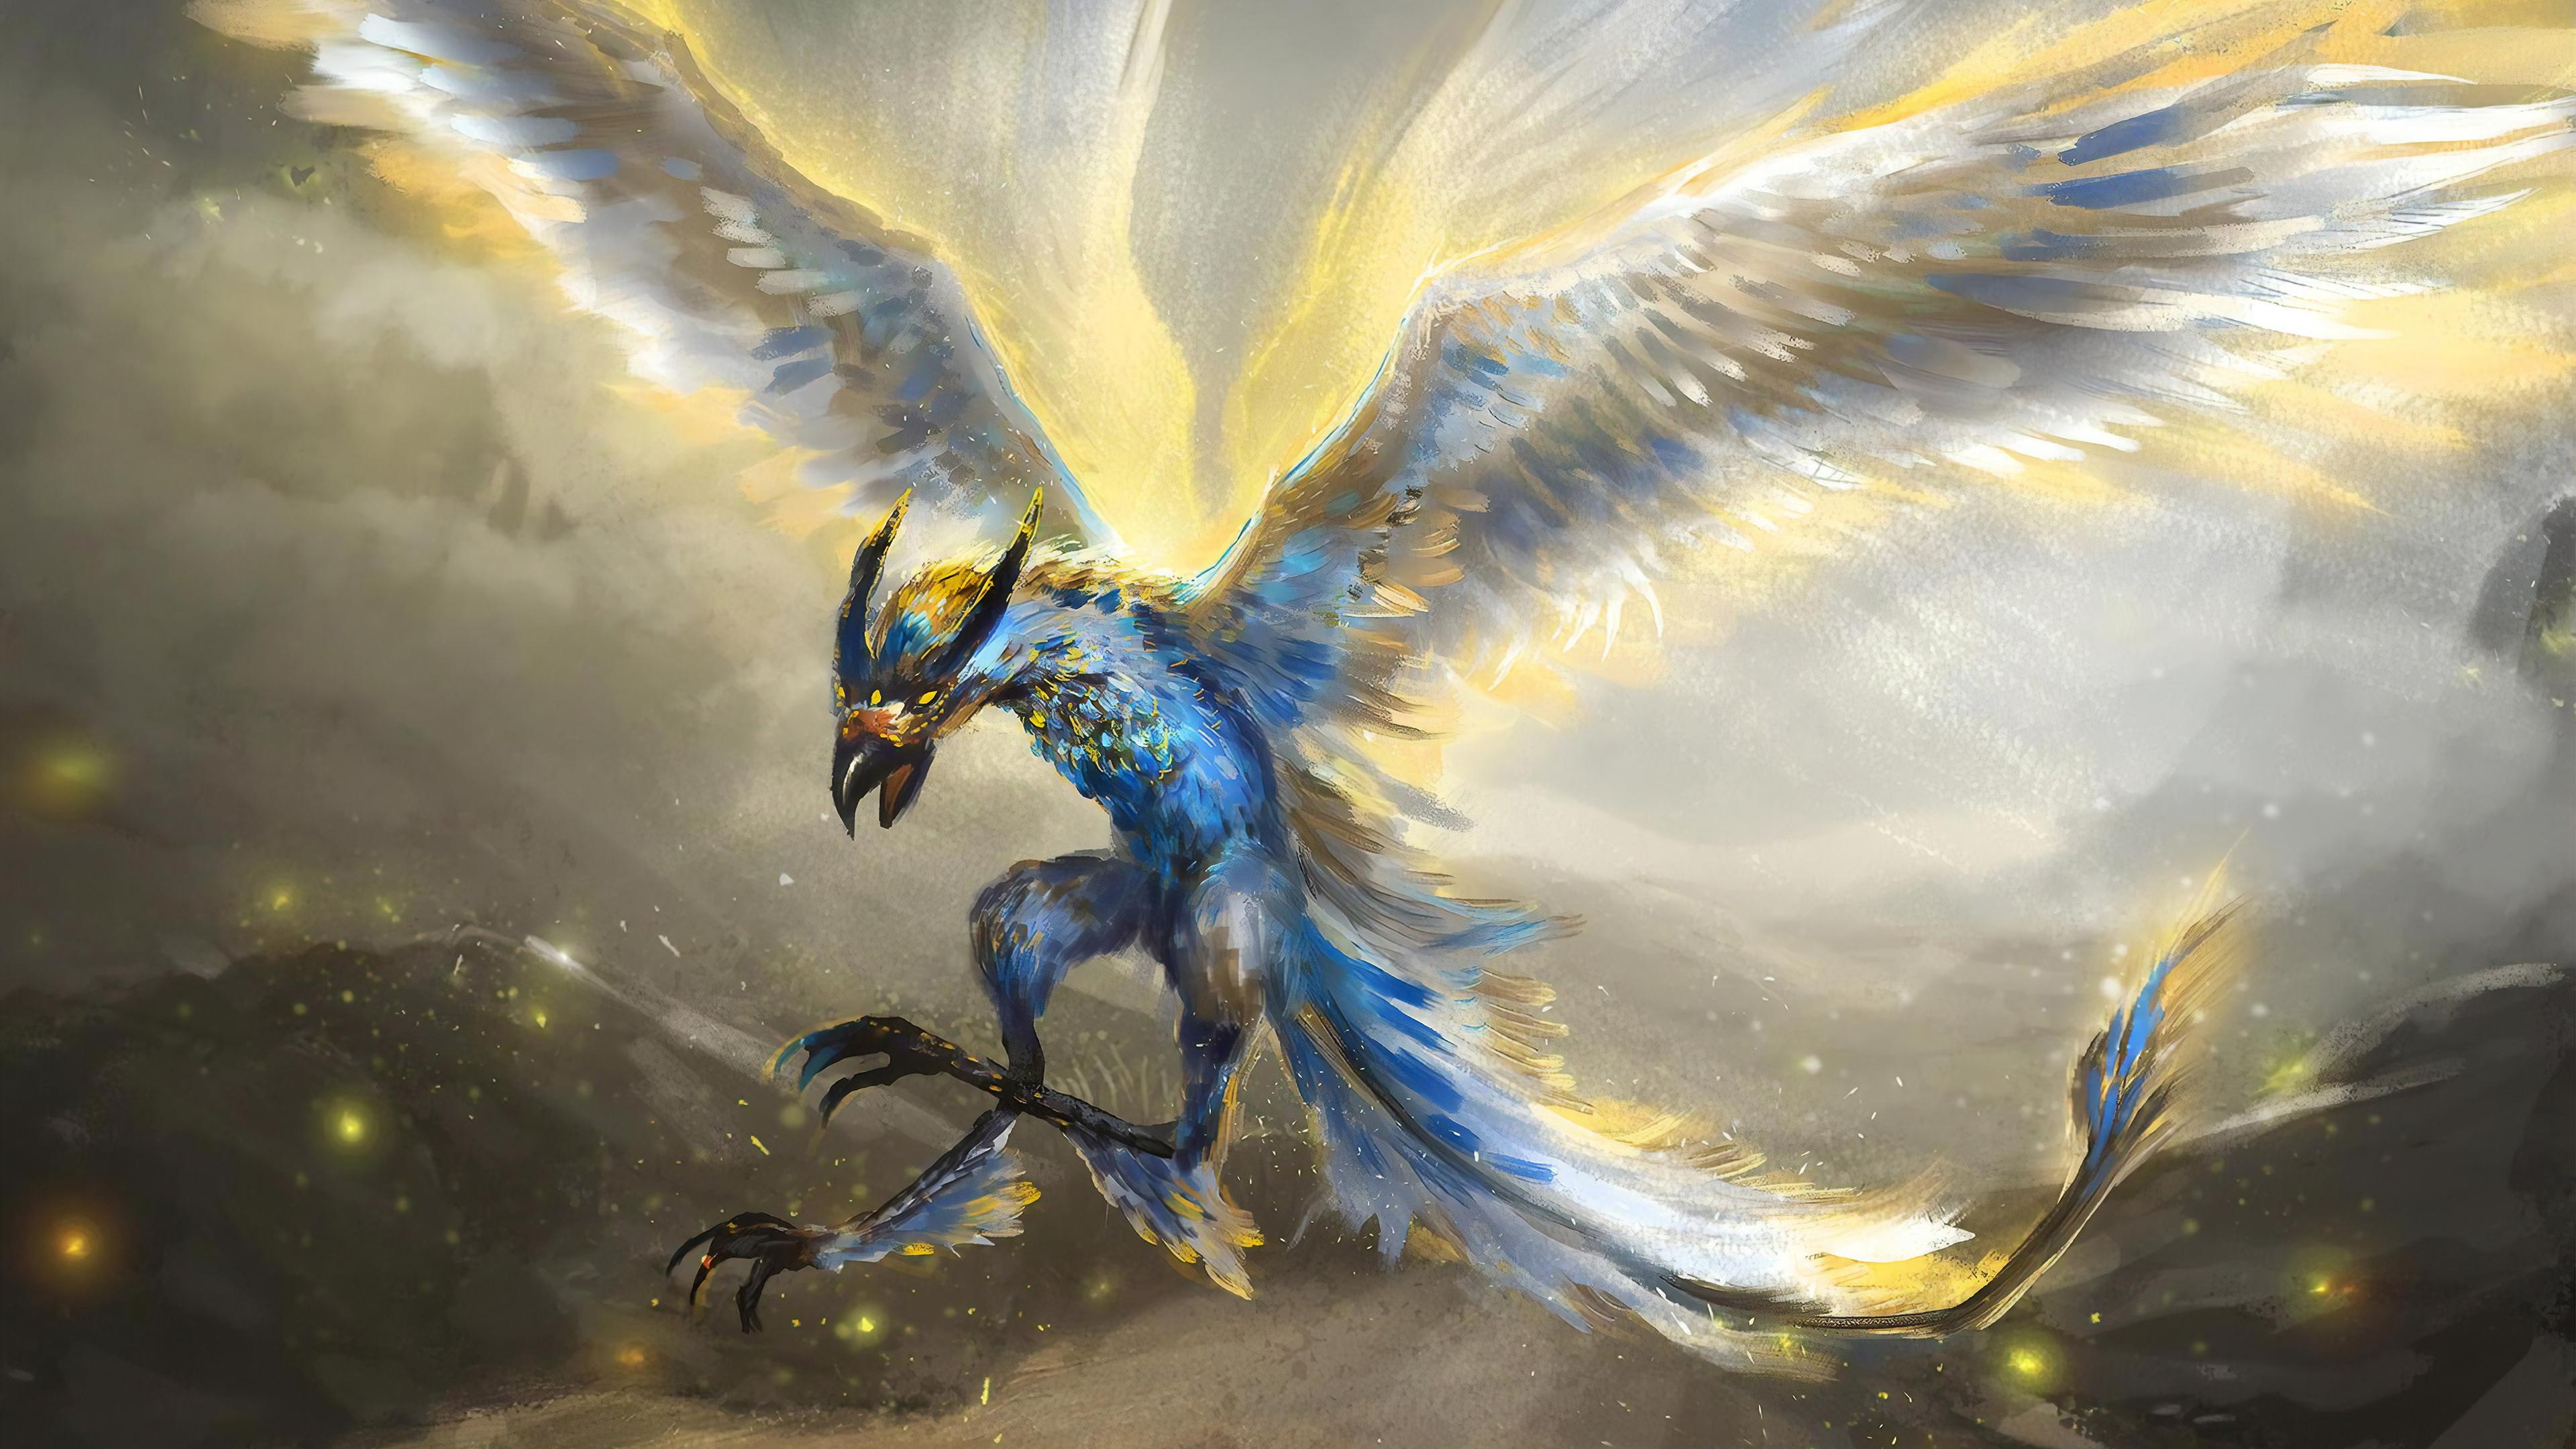 3840x2160 Golden Eagle 4k 4k HD 4k Wallpapers, Images ...